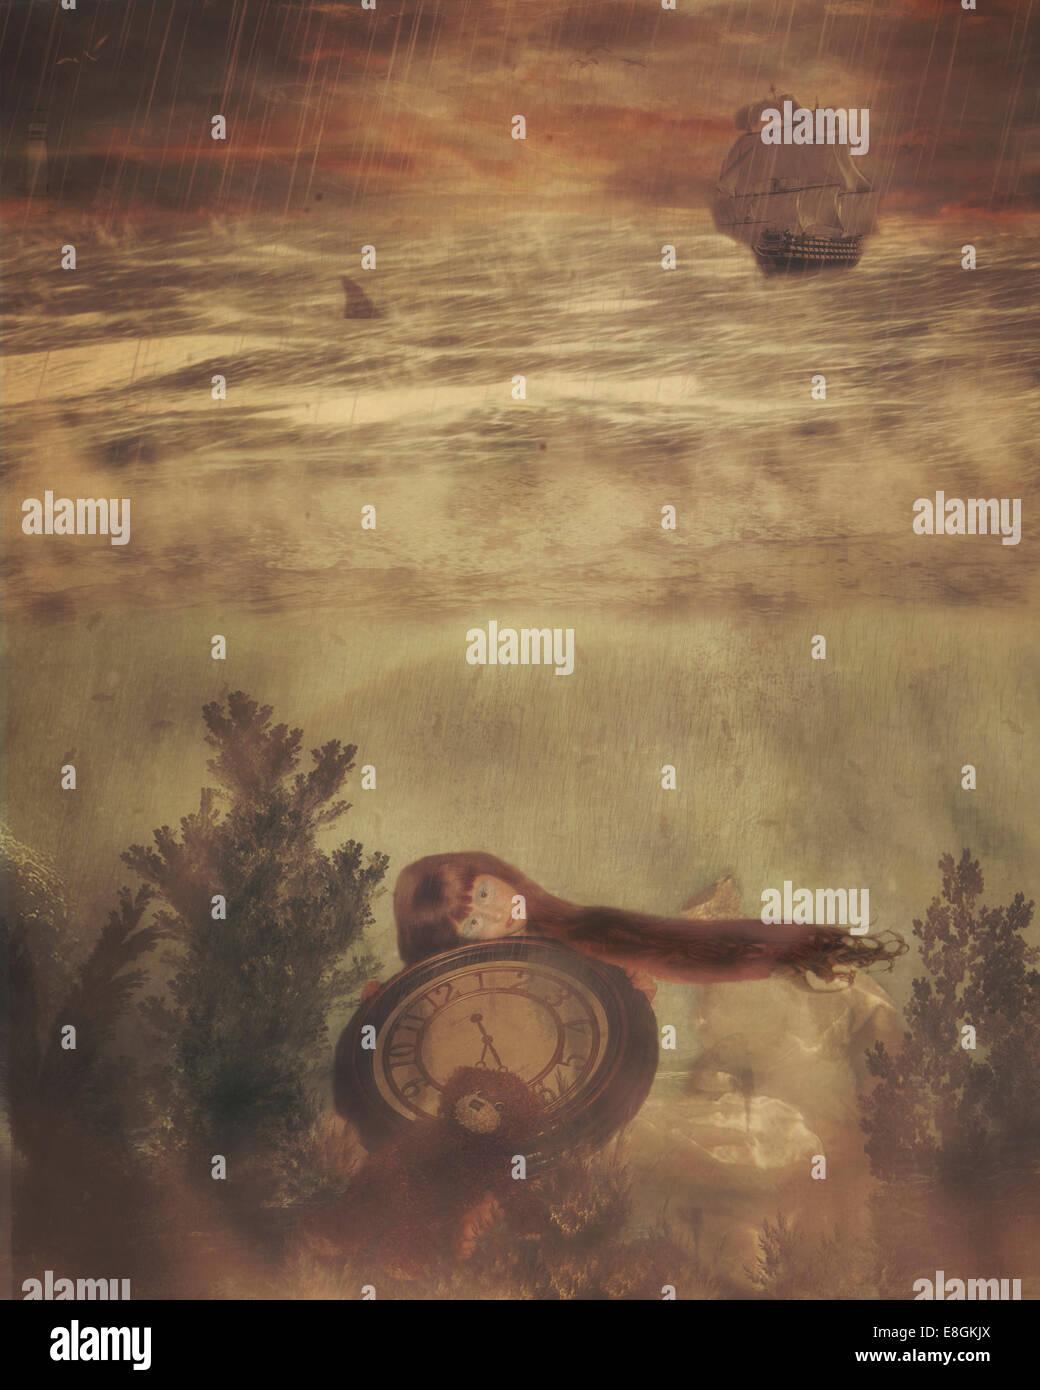 Ilustración de Chica sujetando submarino reloj grande Imagen De Stock